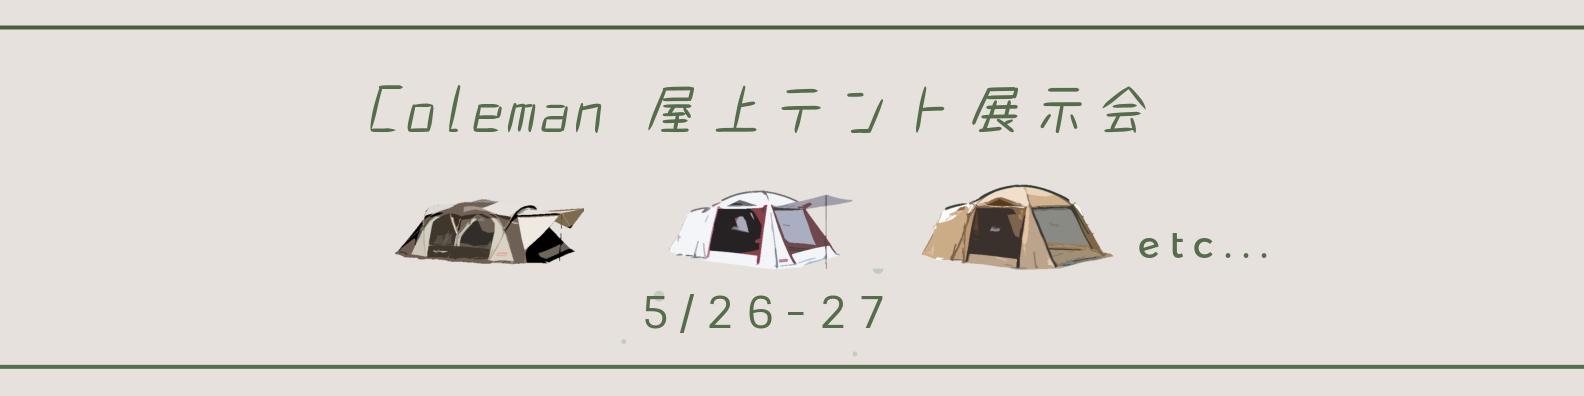 Coleman Tent Fair_d0198793_10354134.jpg